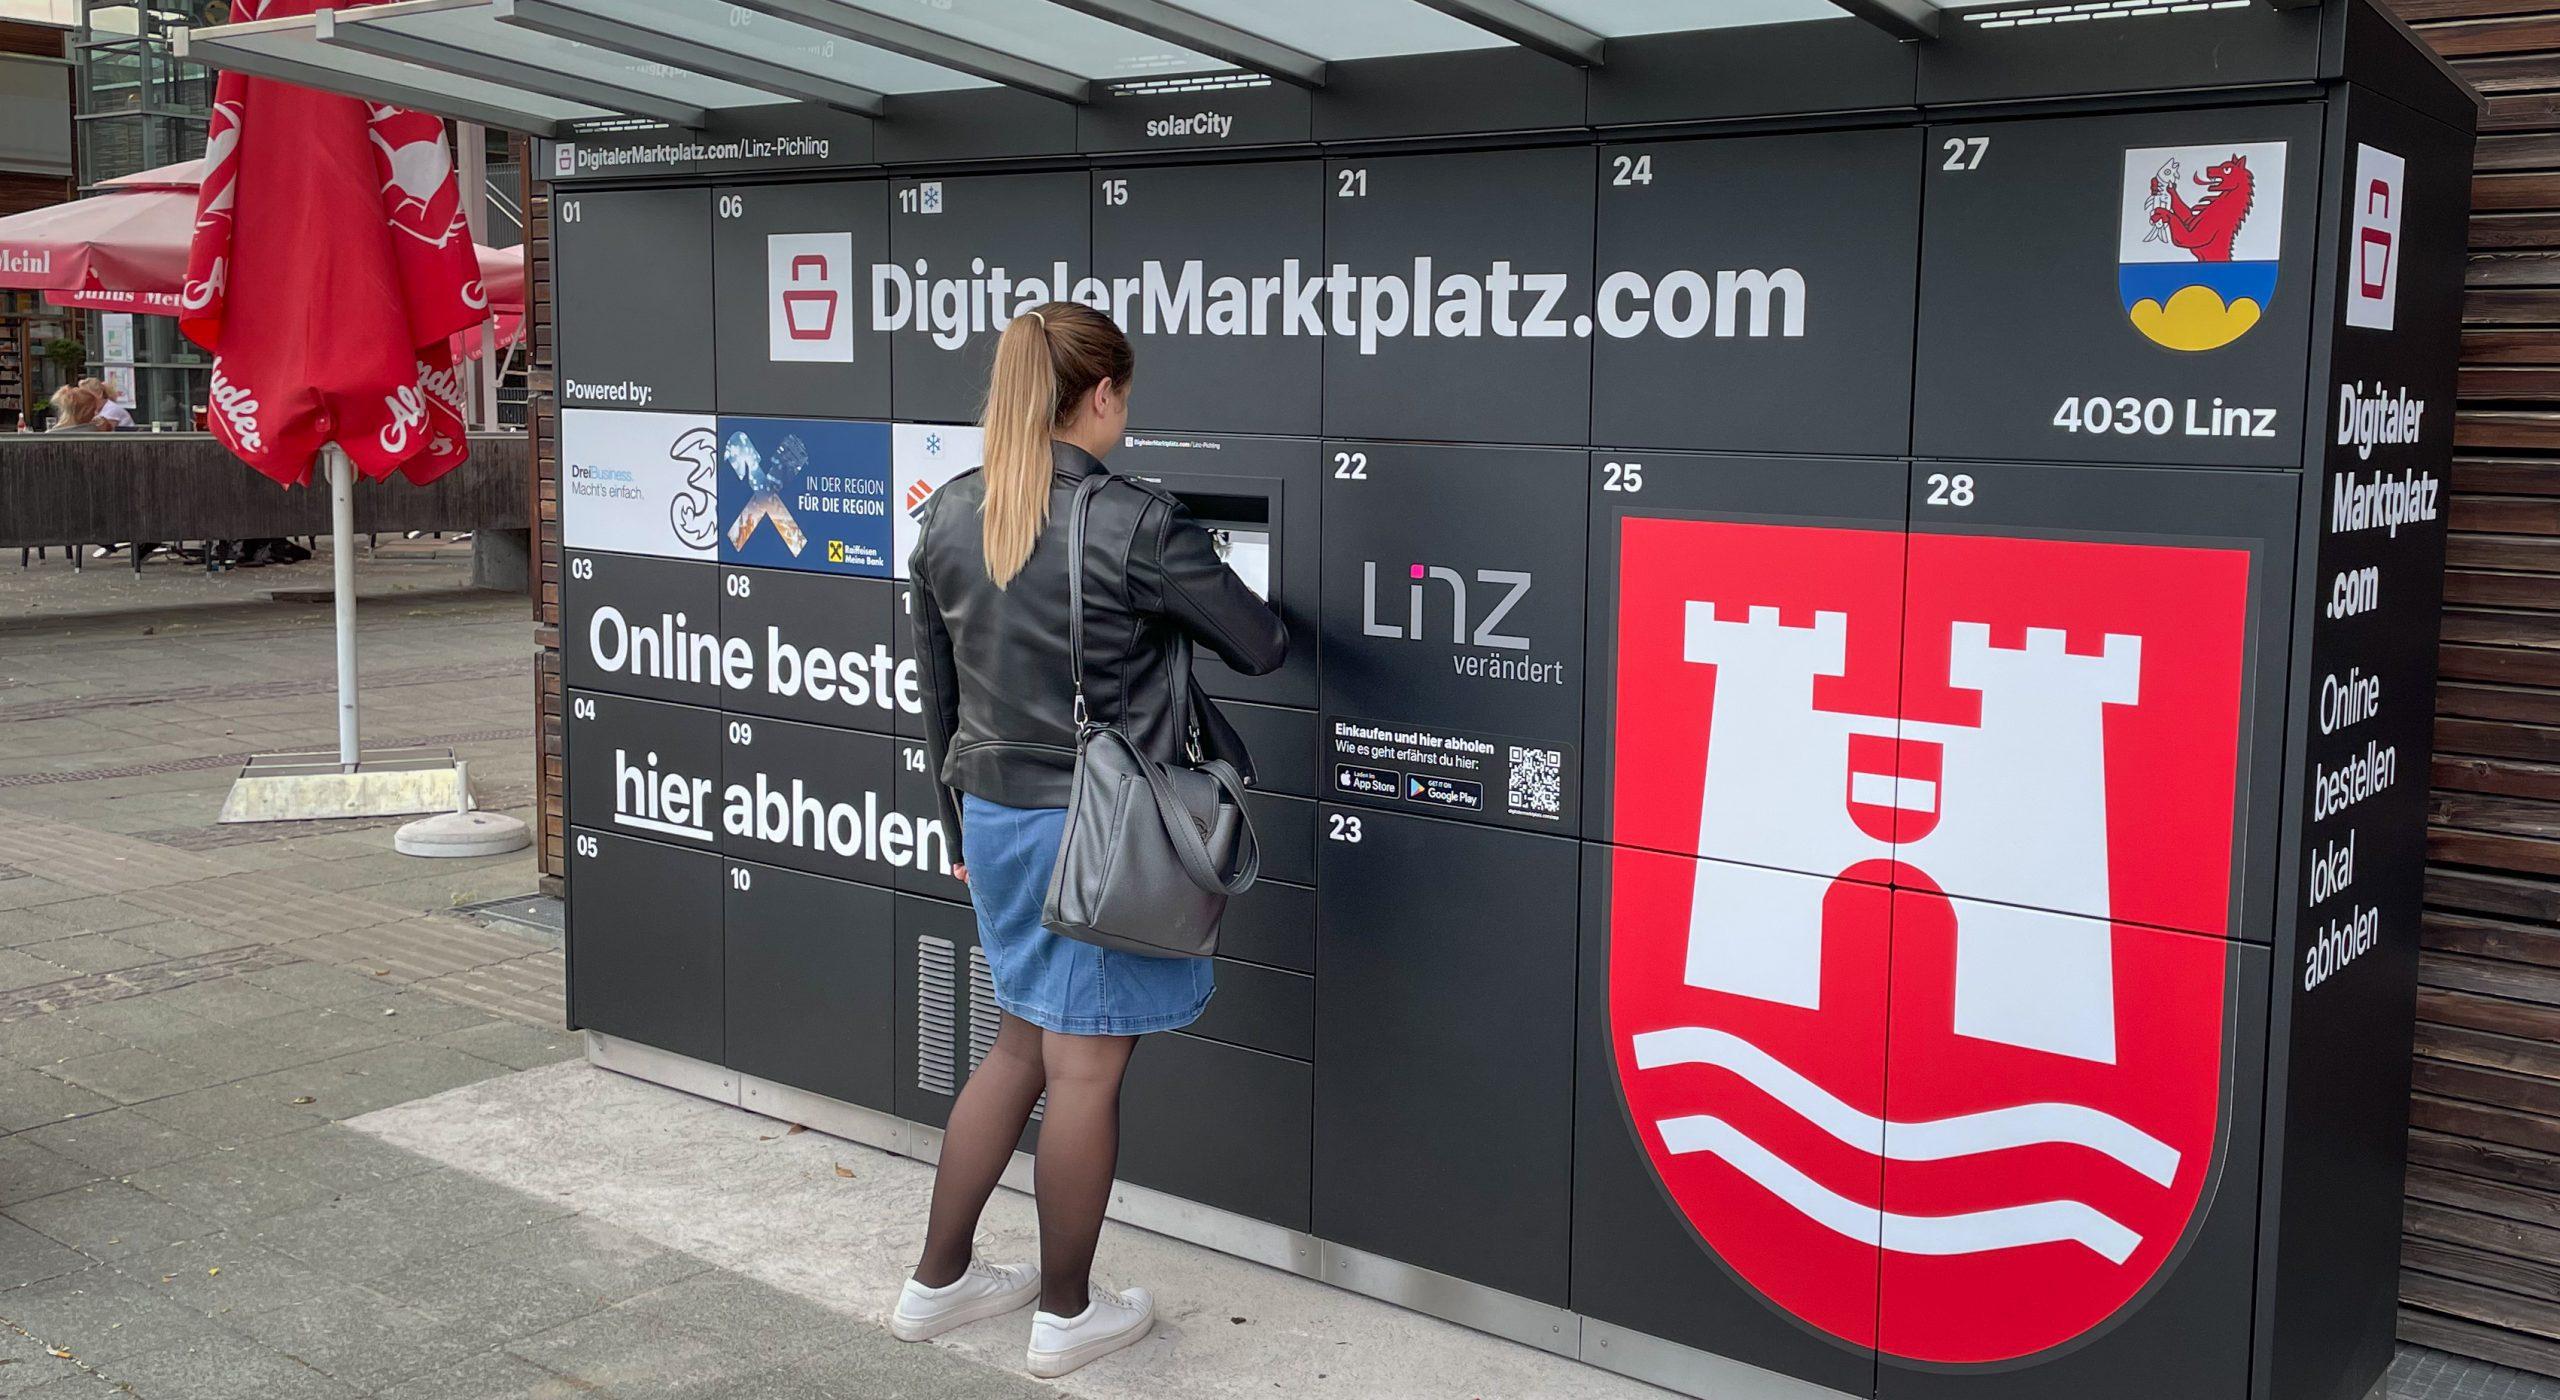 Digitaler Marktplatz – jetzt auch in Linz Urfahr und in der solarCity